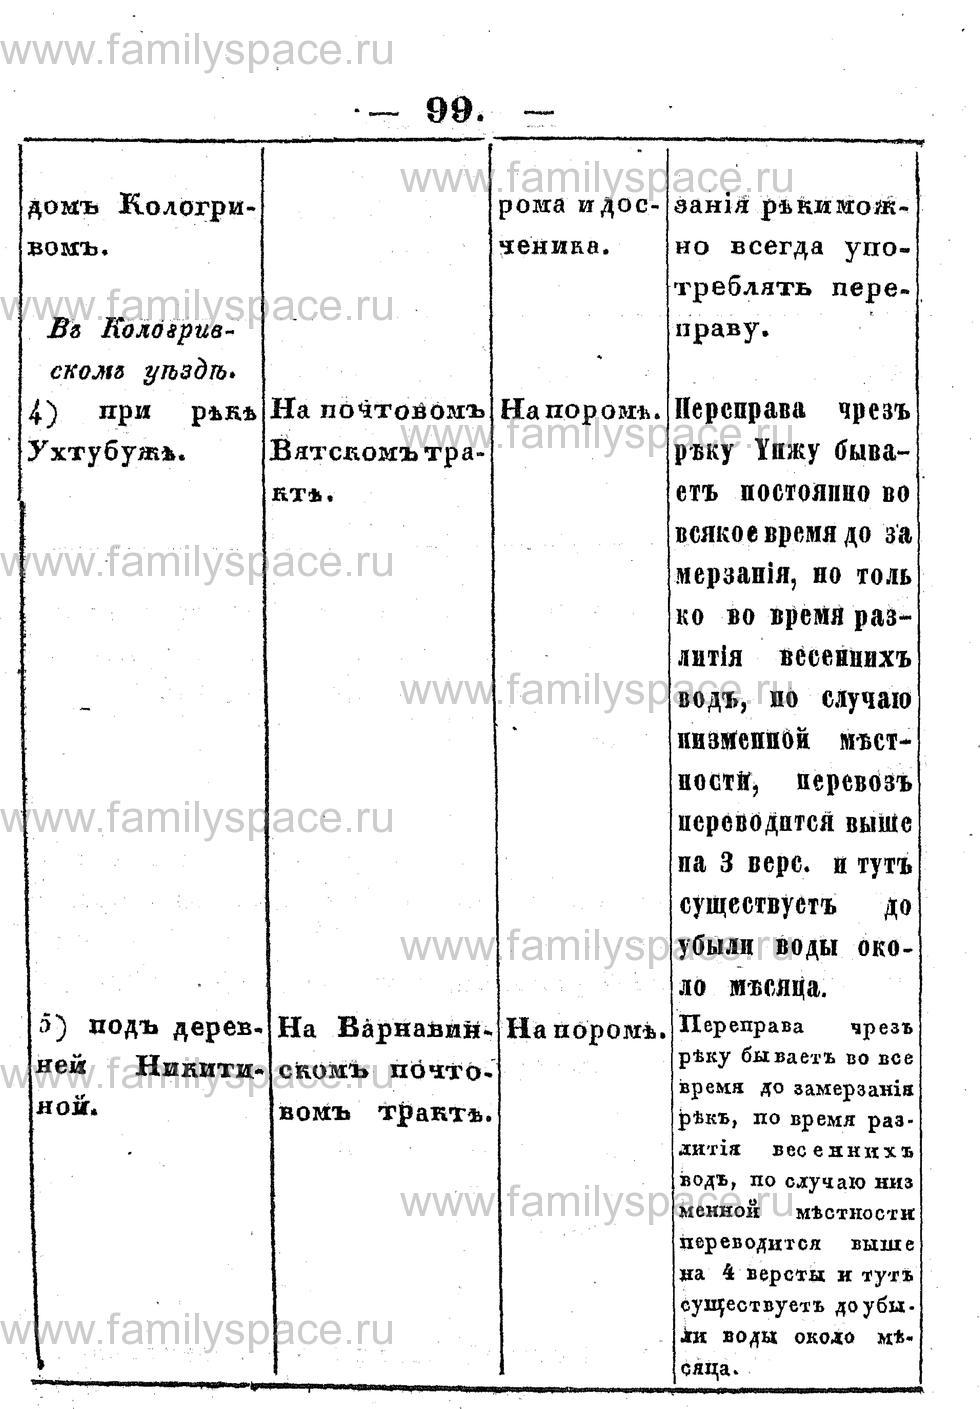 Поиск по фамилии - Памятная книжка Костромской губернии на 1853 год, страница 99